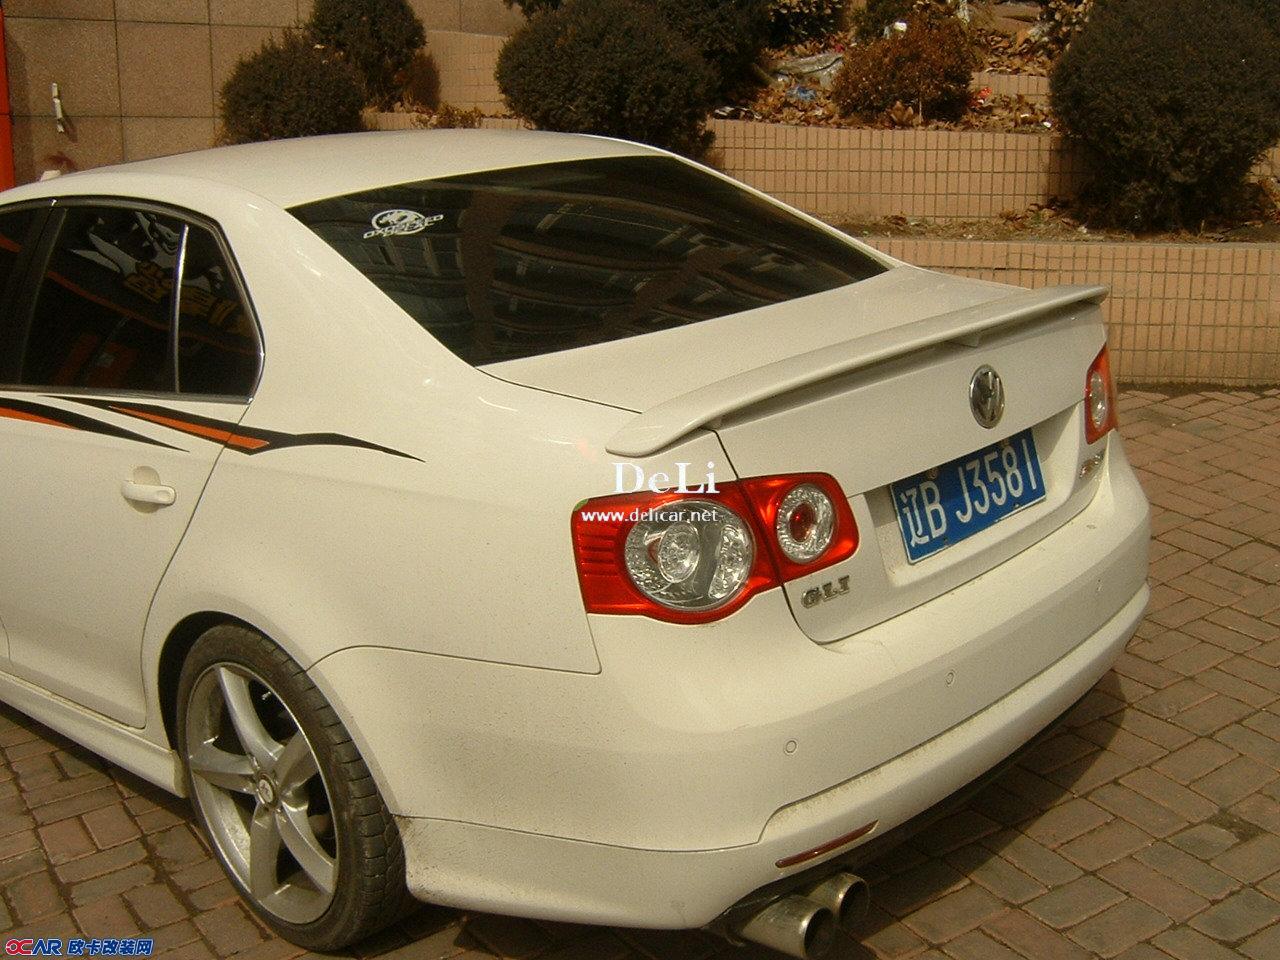 摘要: 大连德利汽车改装速腾改装尾翼中网排气德利车